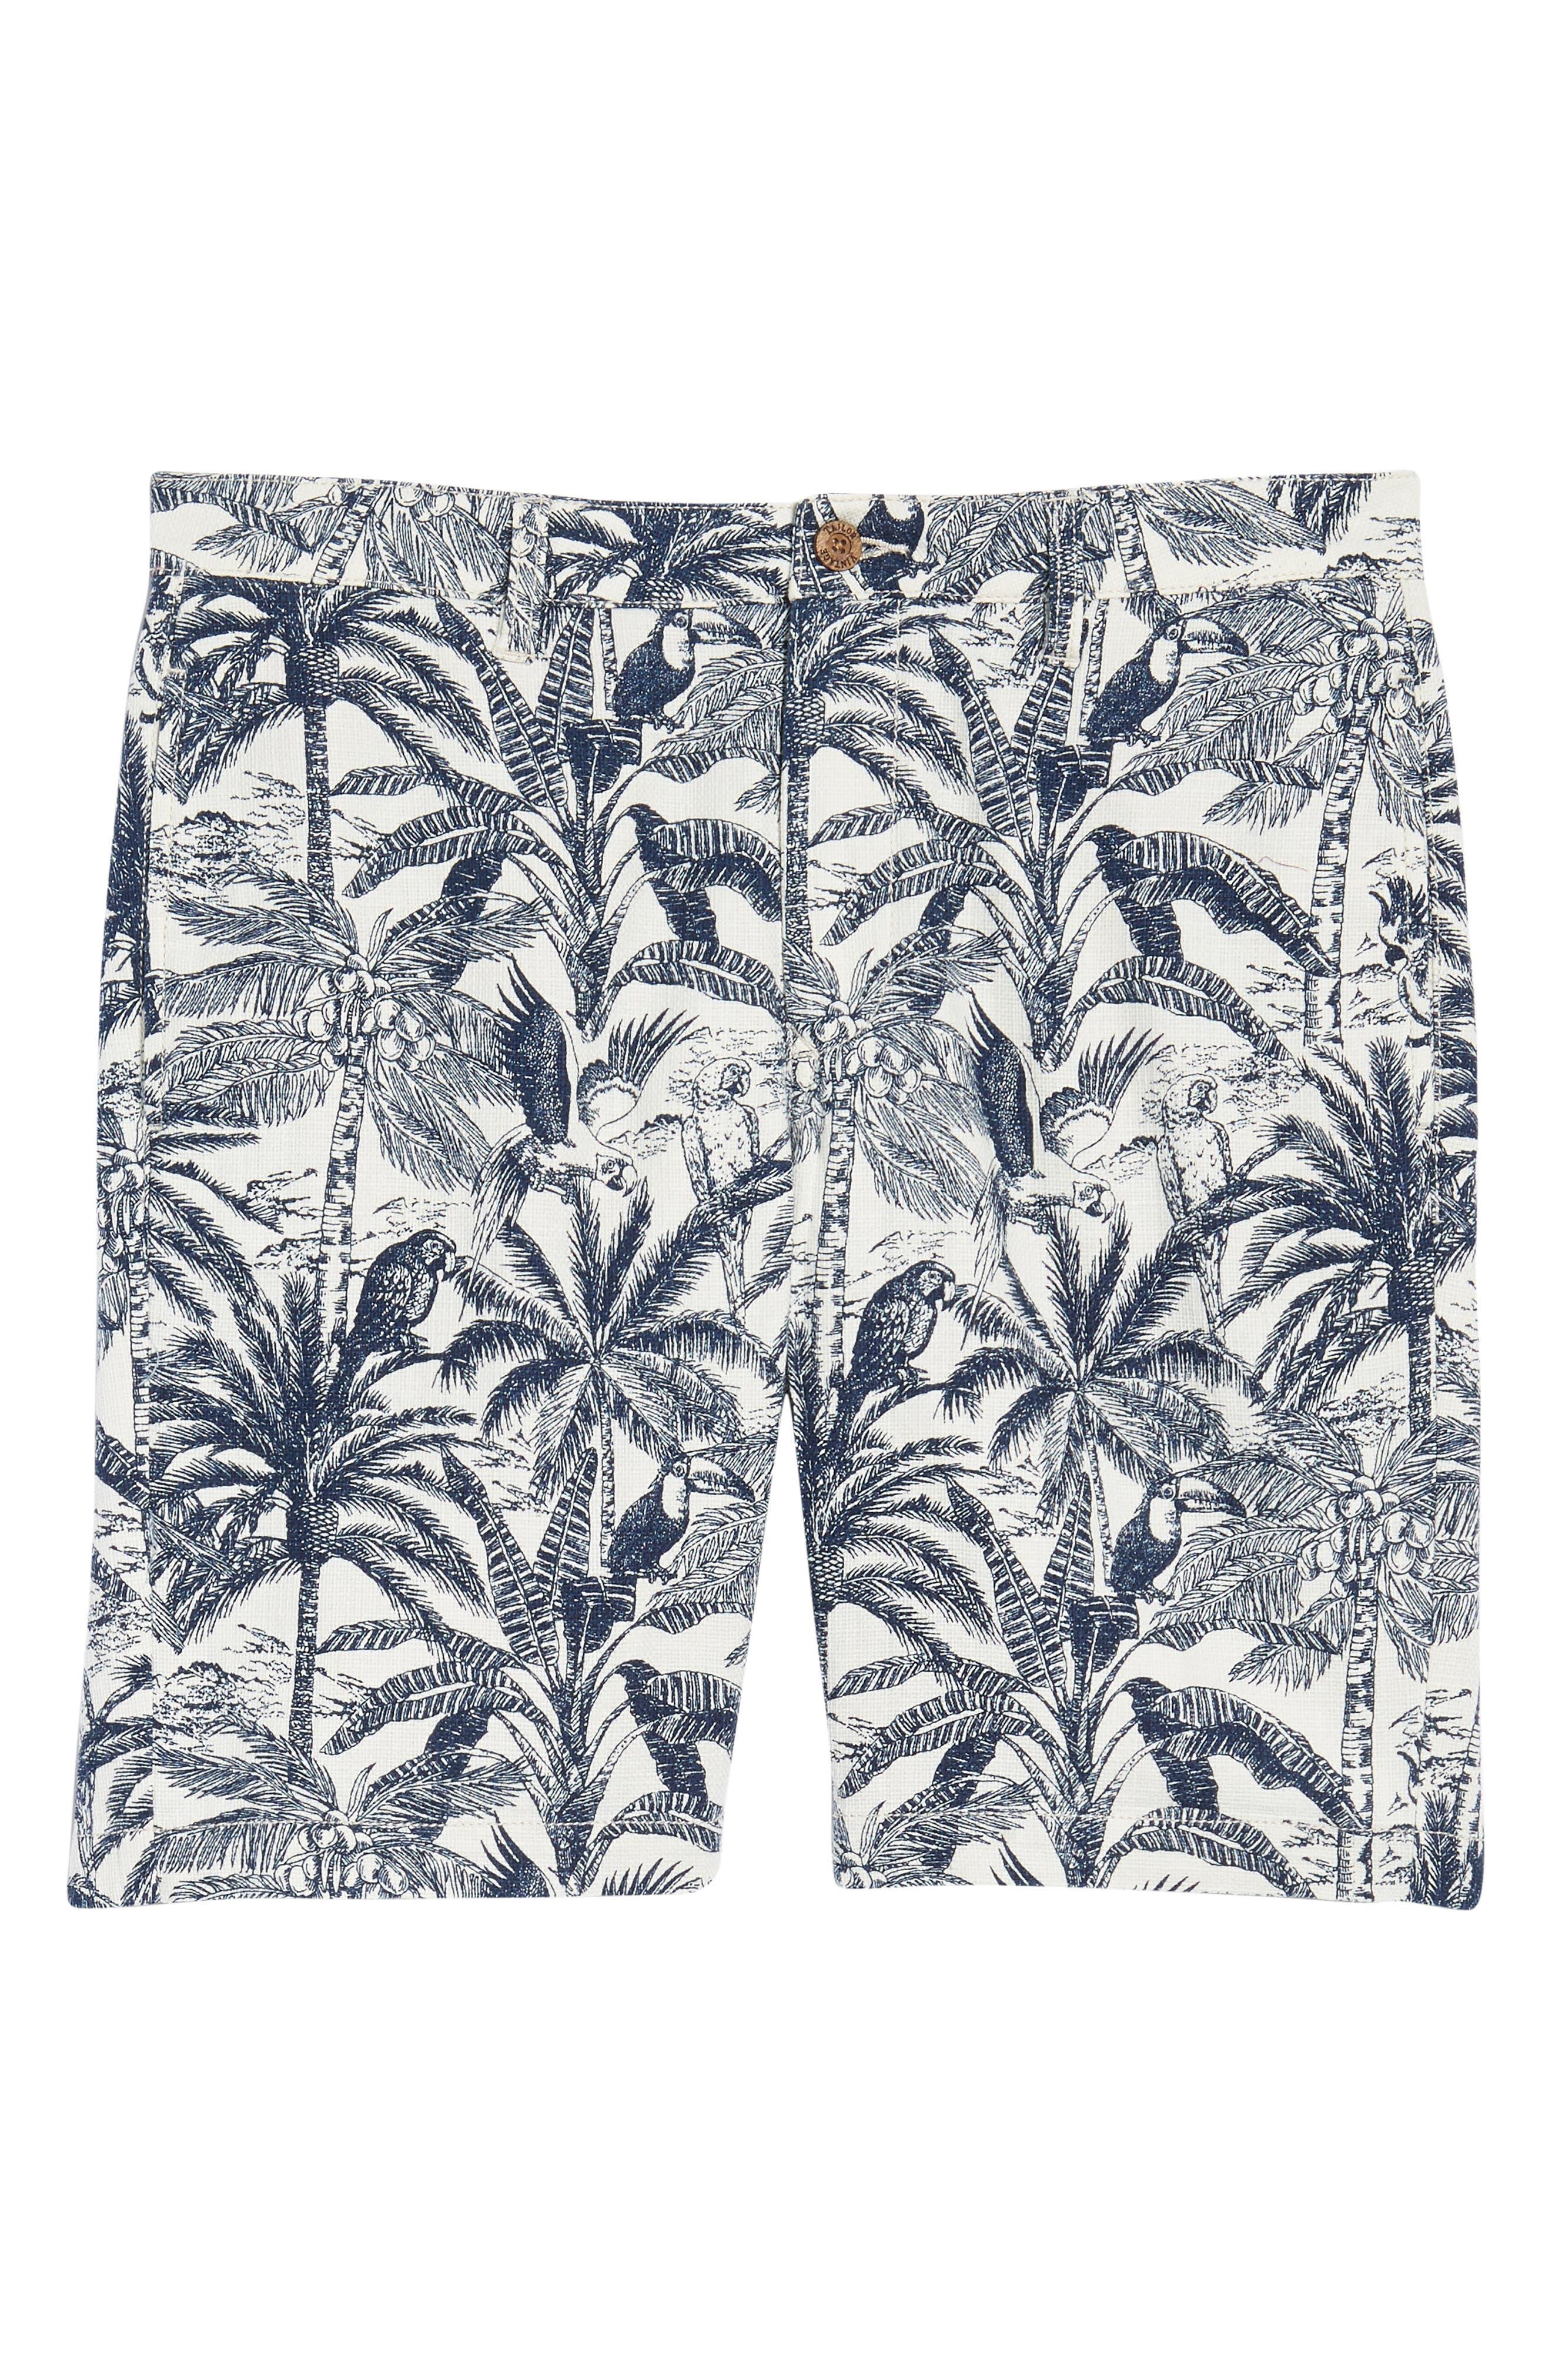 Cotton & Linen Shorts,                             Alternate thumbnail 6, color,                             White Palm Parrot Print